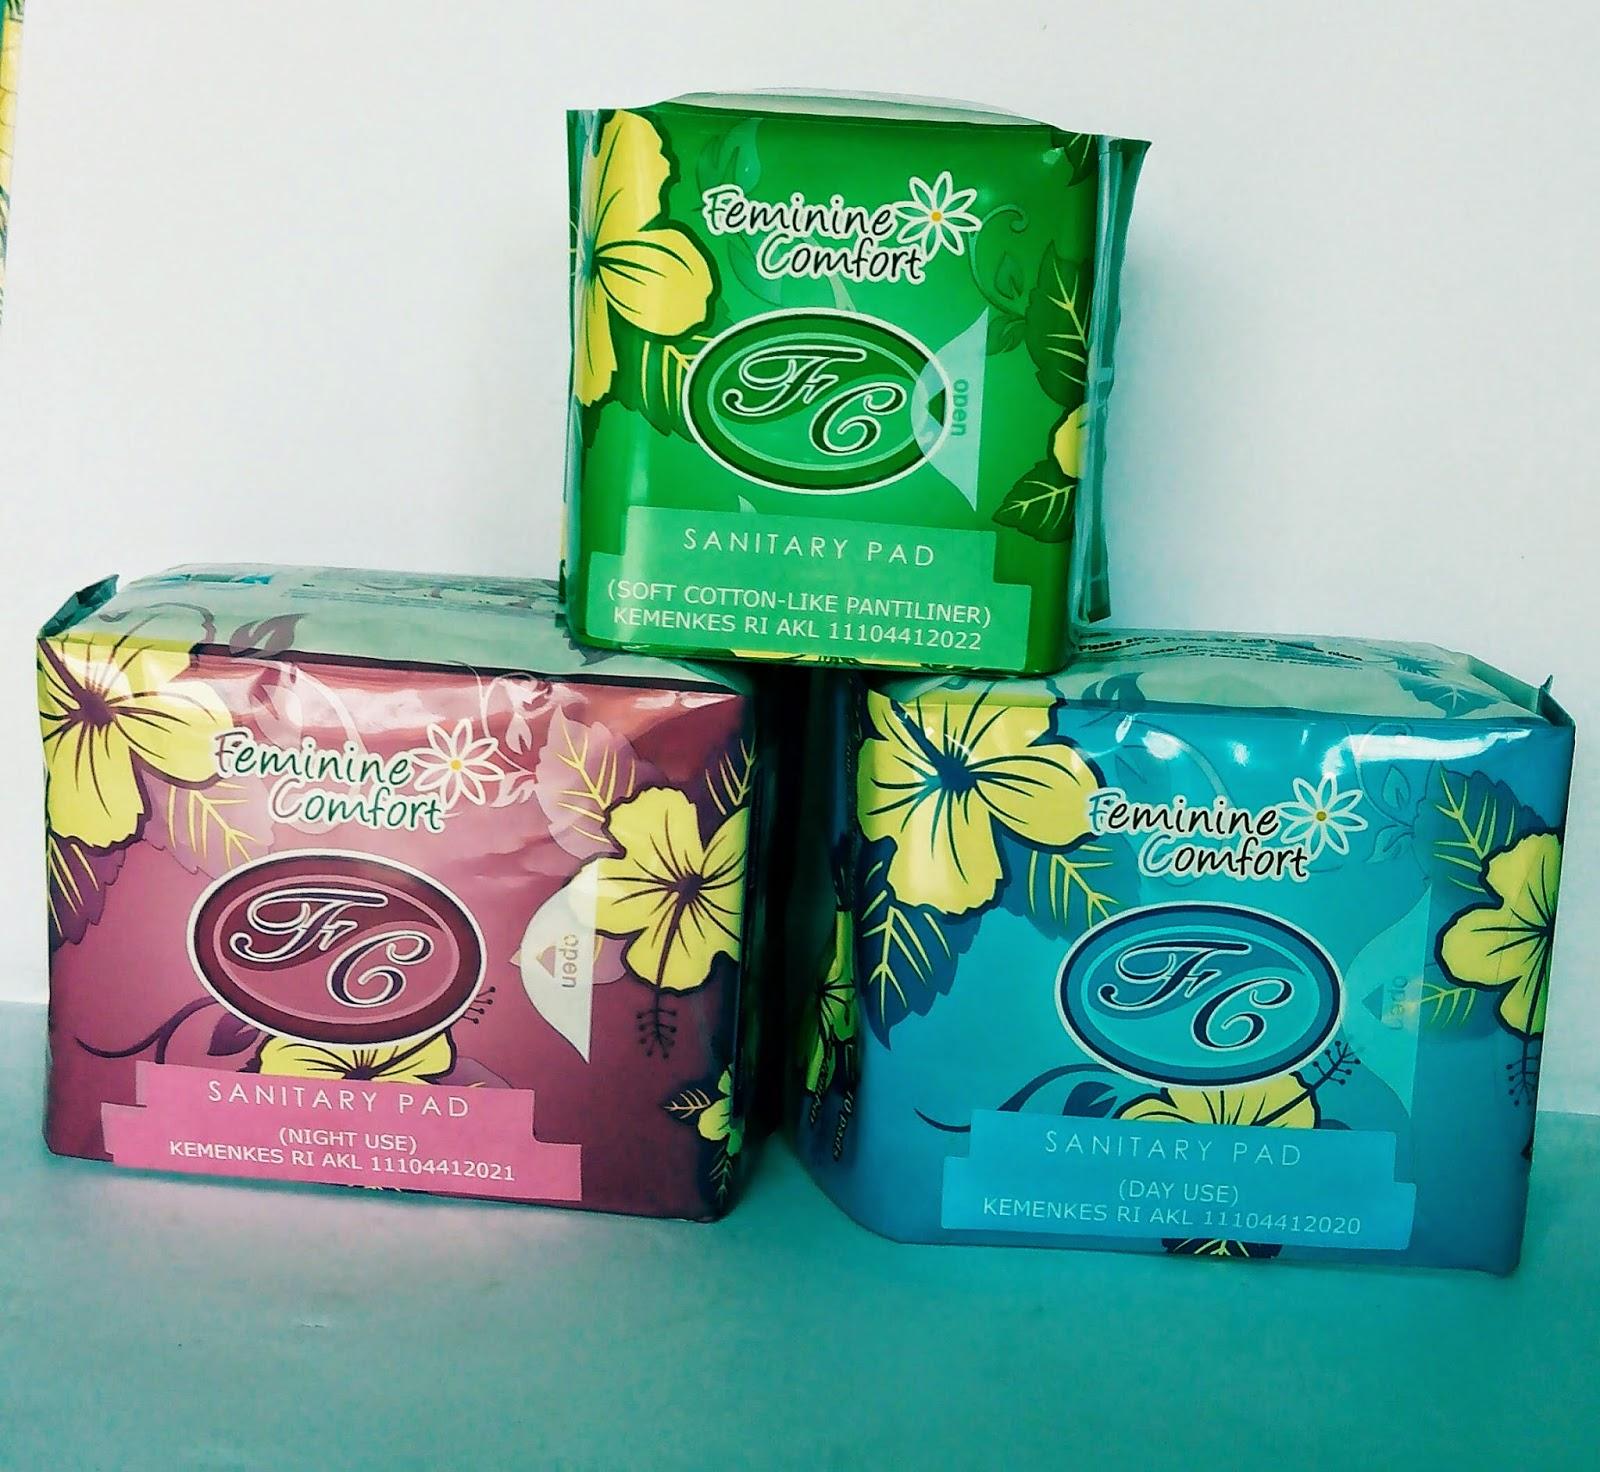 Griya Herbal Pembalut Harian Atau Pantiliner Avail Sanitary Pad Yg Diperkarya Dengan Ramuan Alami Yang Memberikan Rasa Kering Bersih Dan Nyaman Bio